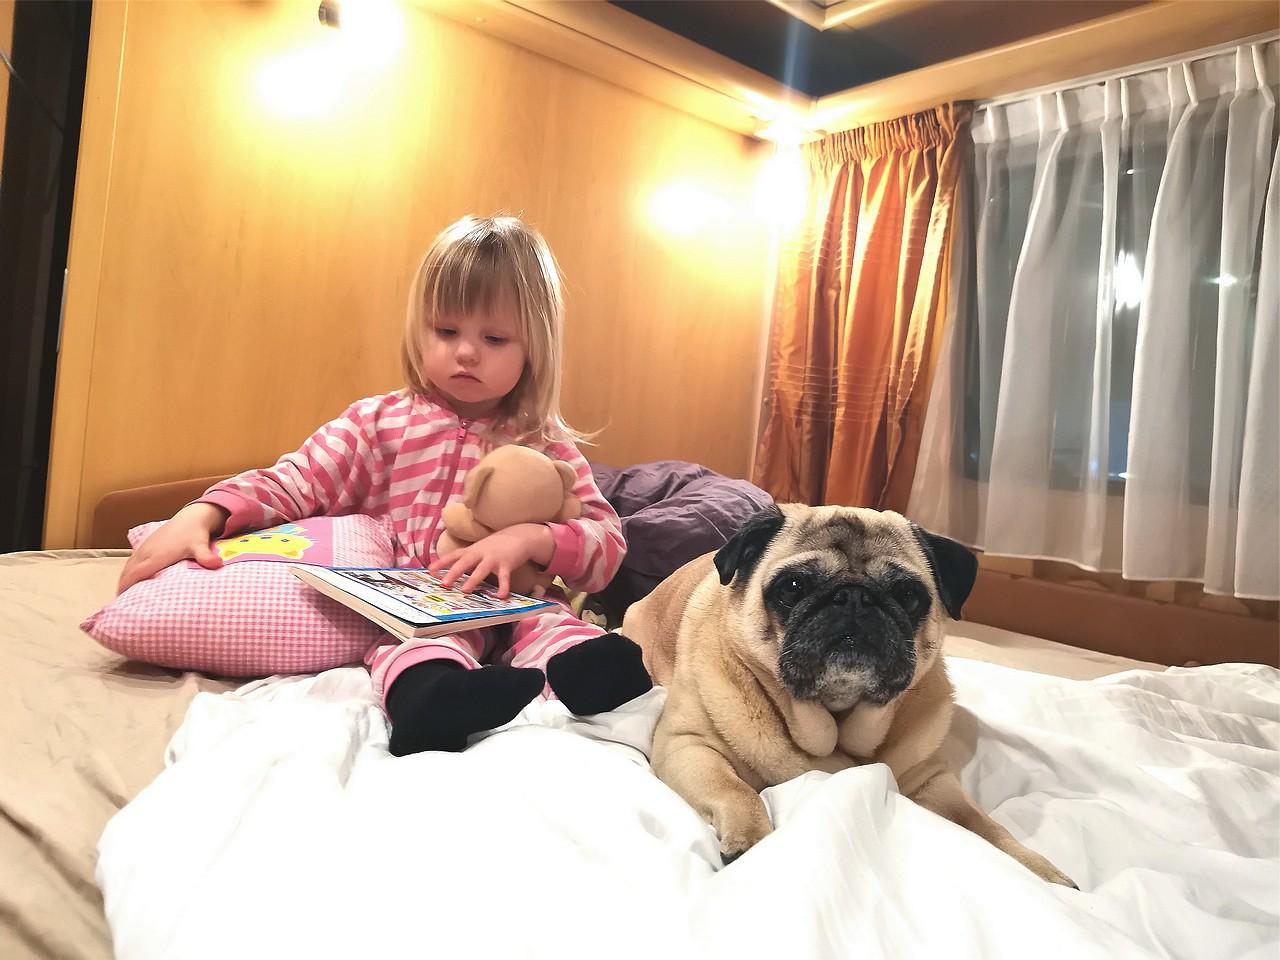 Tyttö ja mopsi asuntovaunun sängyllä.